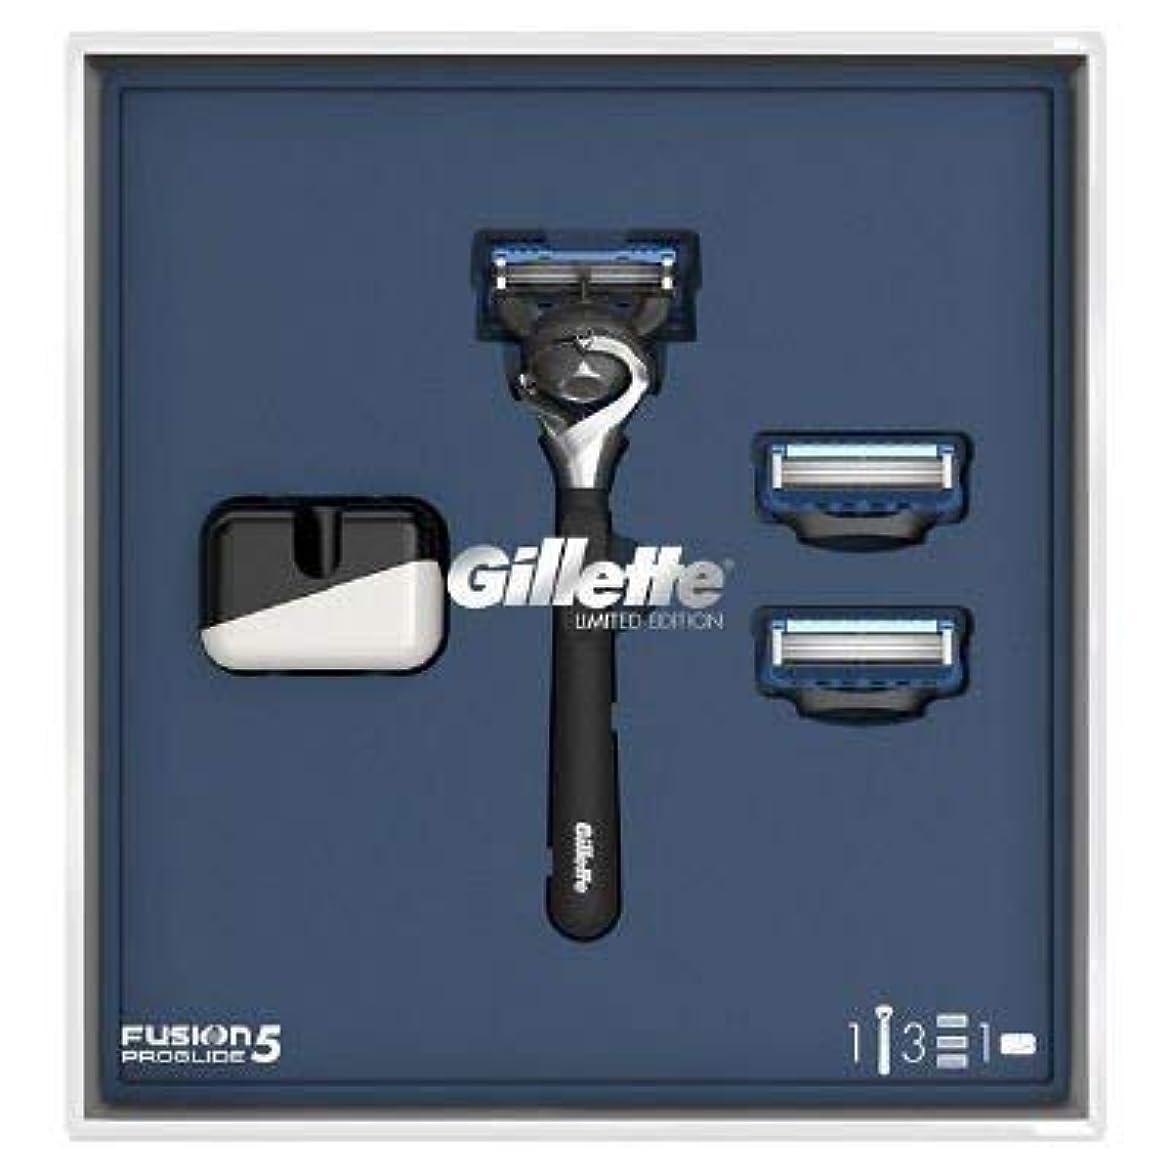 カバー分泌するデマンド(ジレット)Gilette プログライド 髭剃り本体+替刃3個 オリジナルスタンド付き スペシャルパッケージ P&G